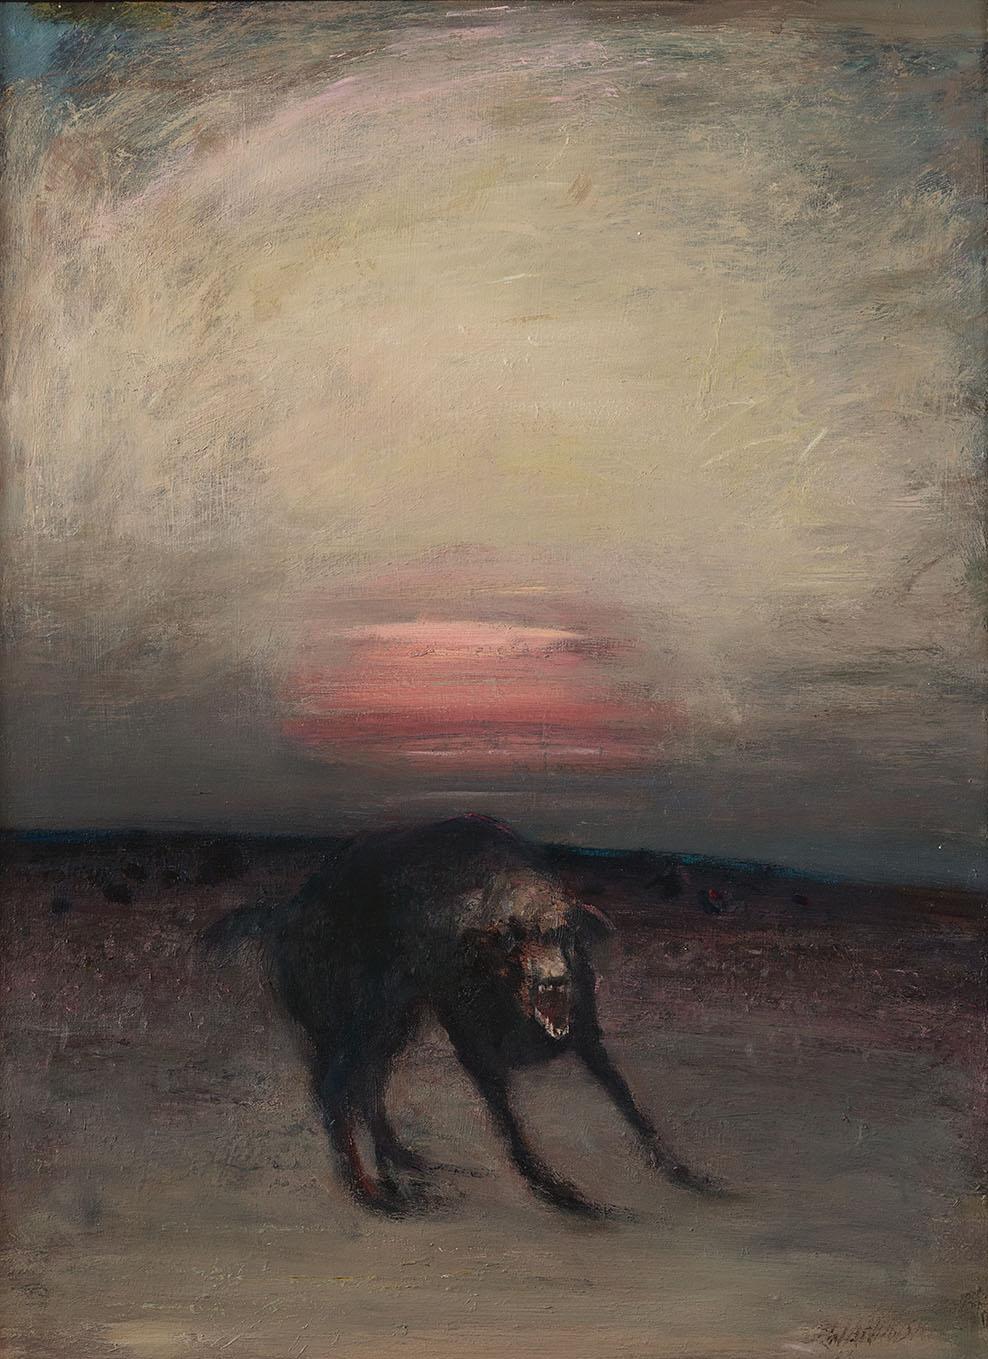 """""""Zły pies"""", 2017, olej na płycie, 80 x 105 cm, cena – 20 000 zł"""